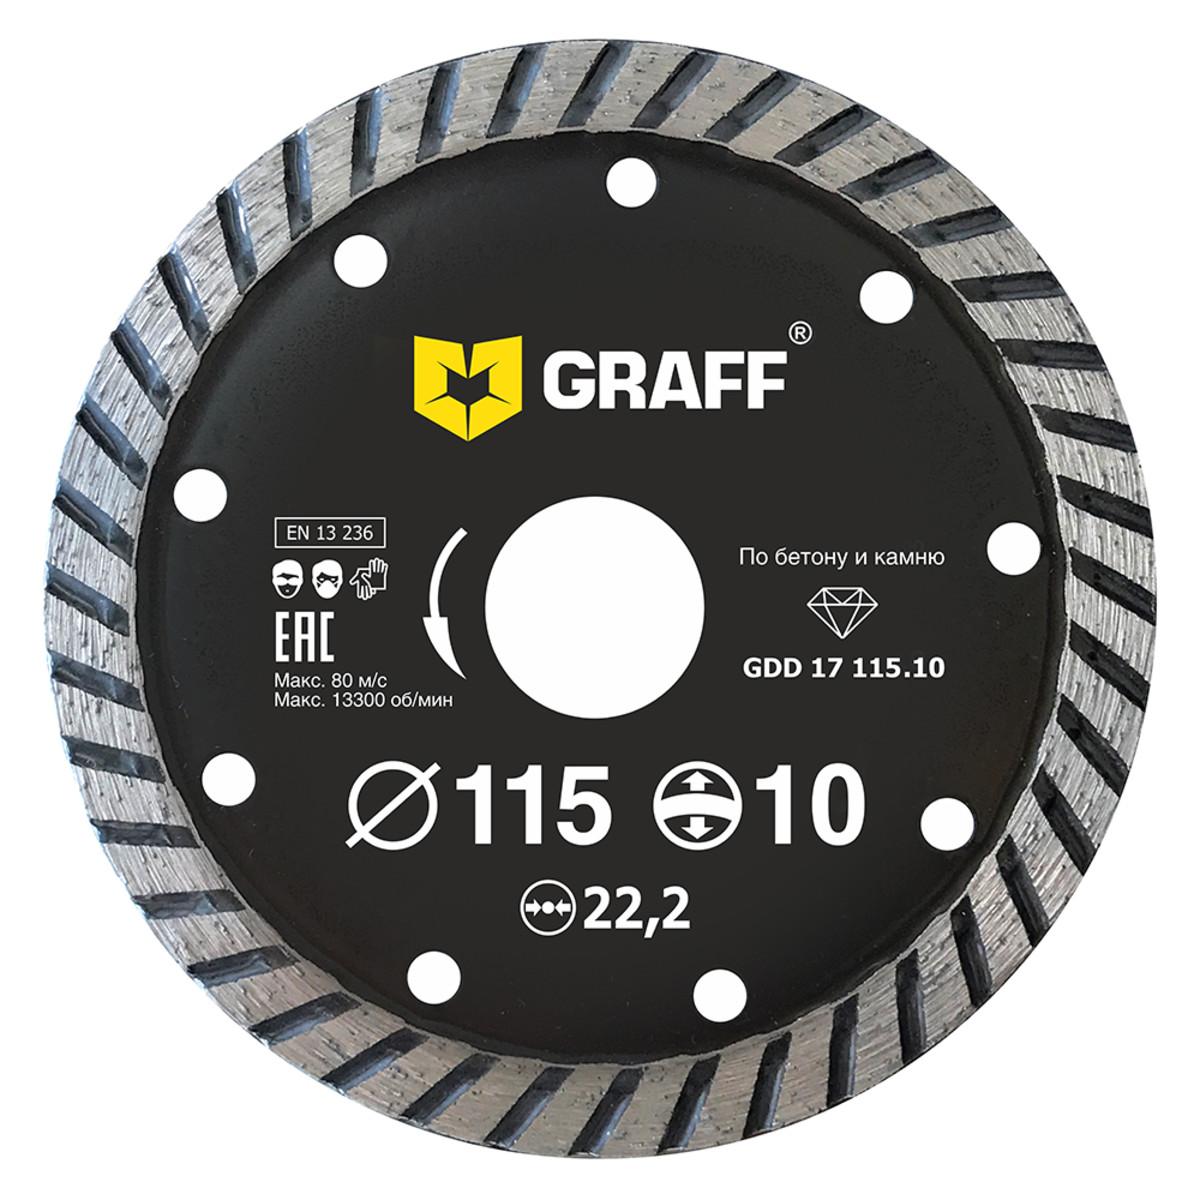 Диск Алмазный Graff 115Х10Х25Х2223 Gdd 17 11510